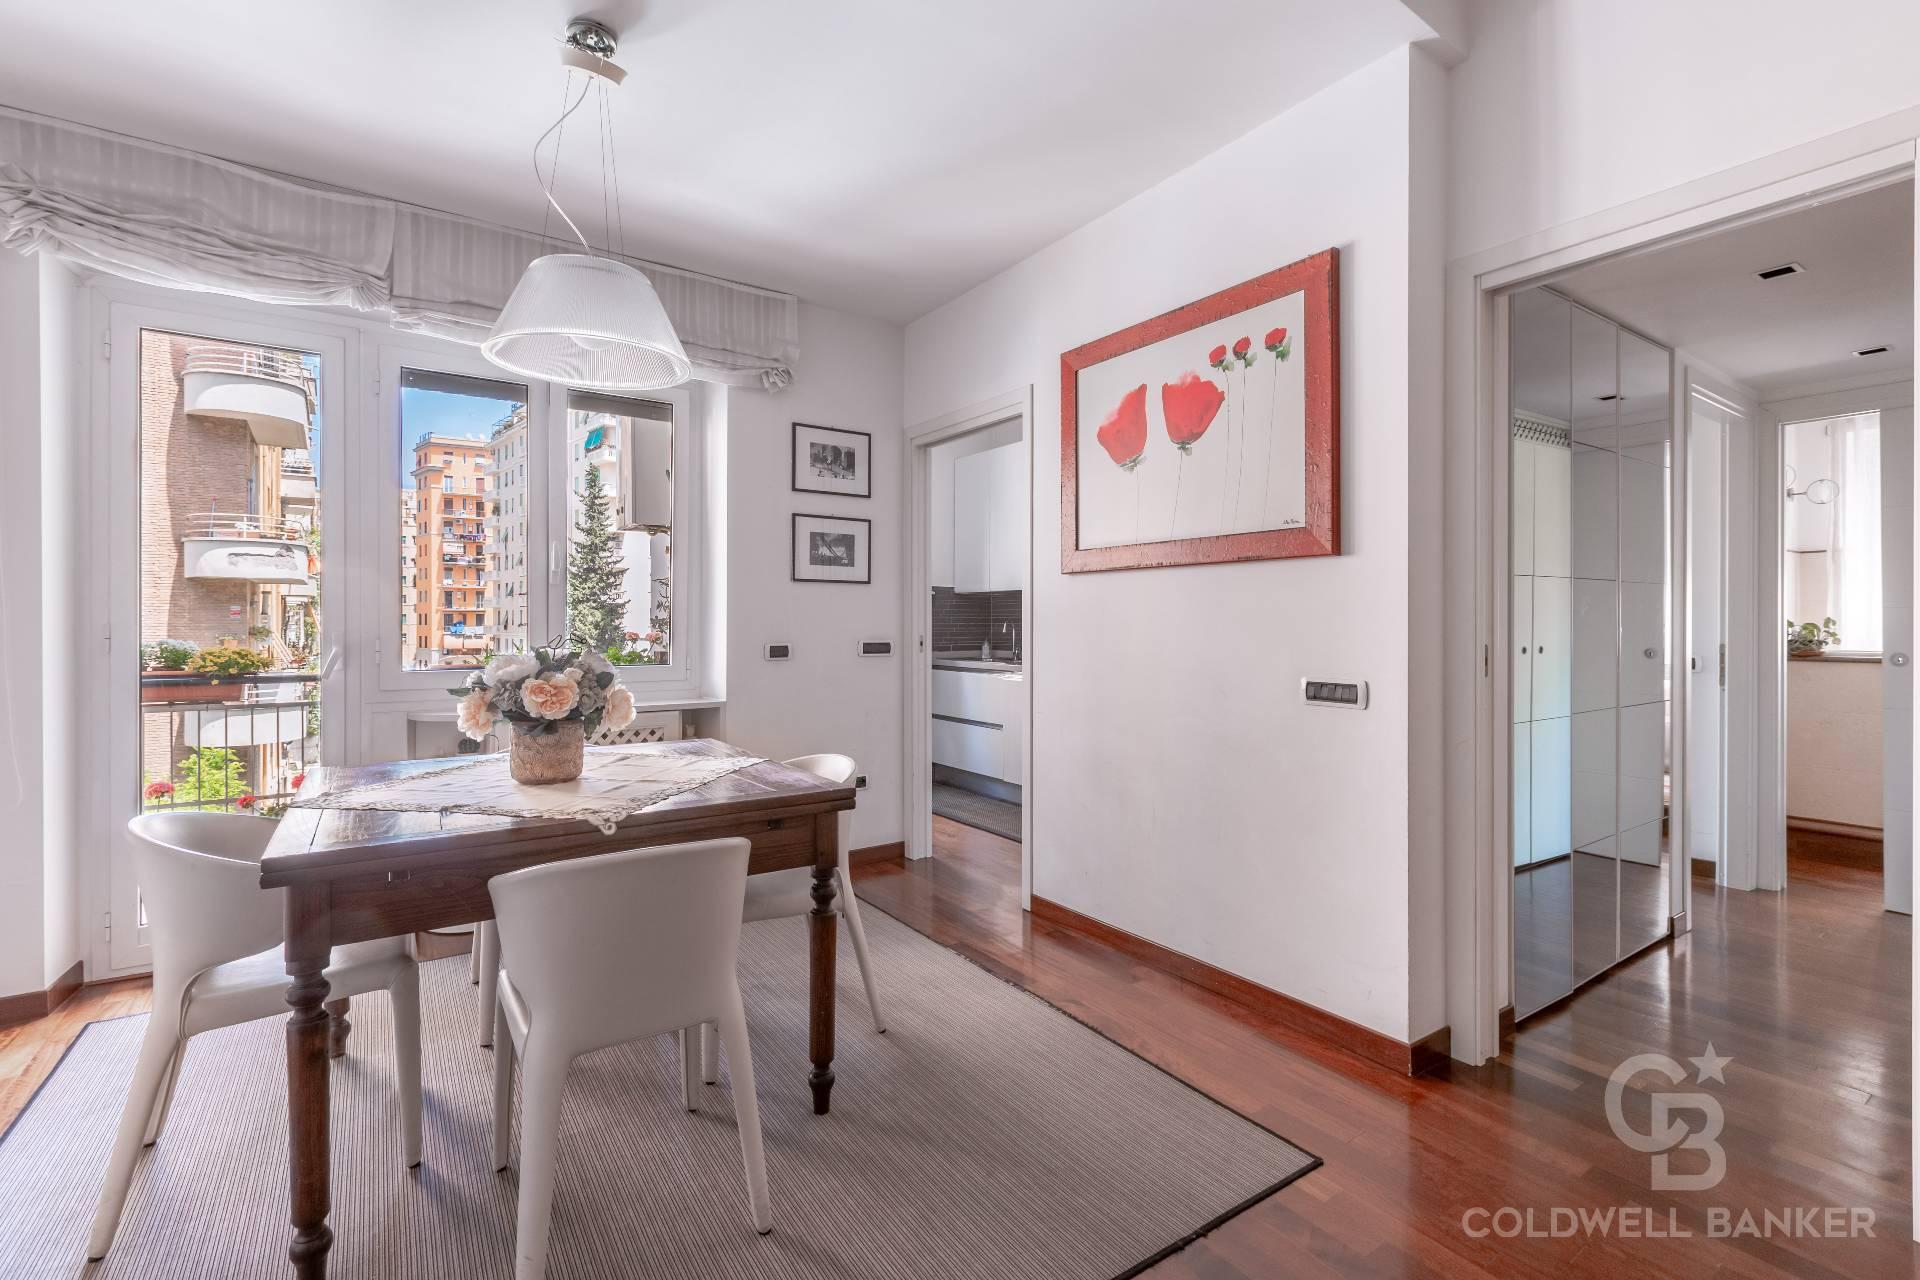 Appartamento in Vendita a Roma: 3 locali, 83 mq - Foto 5